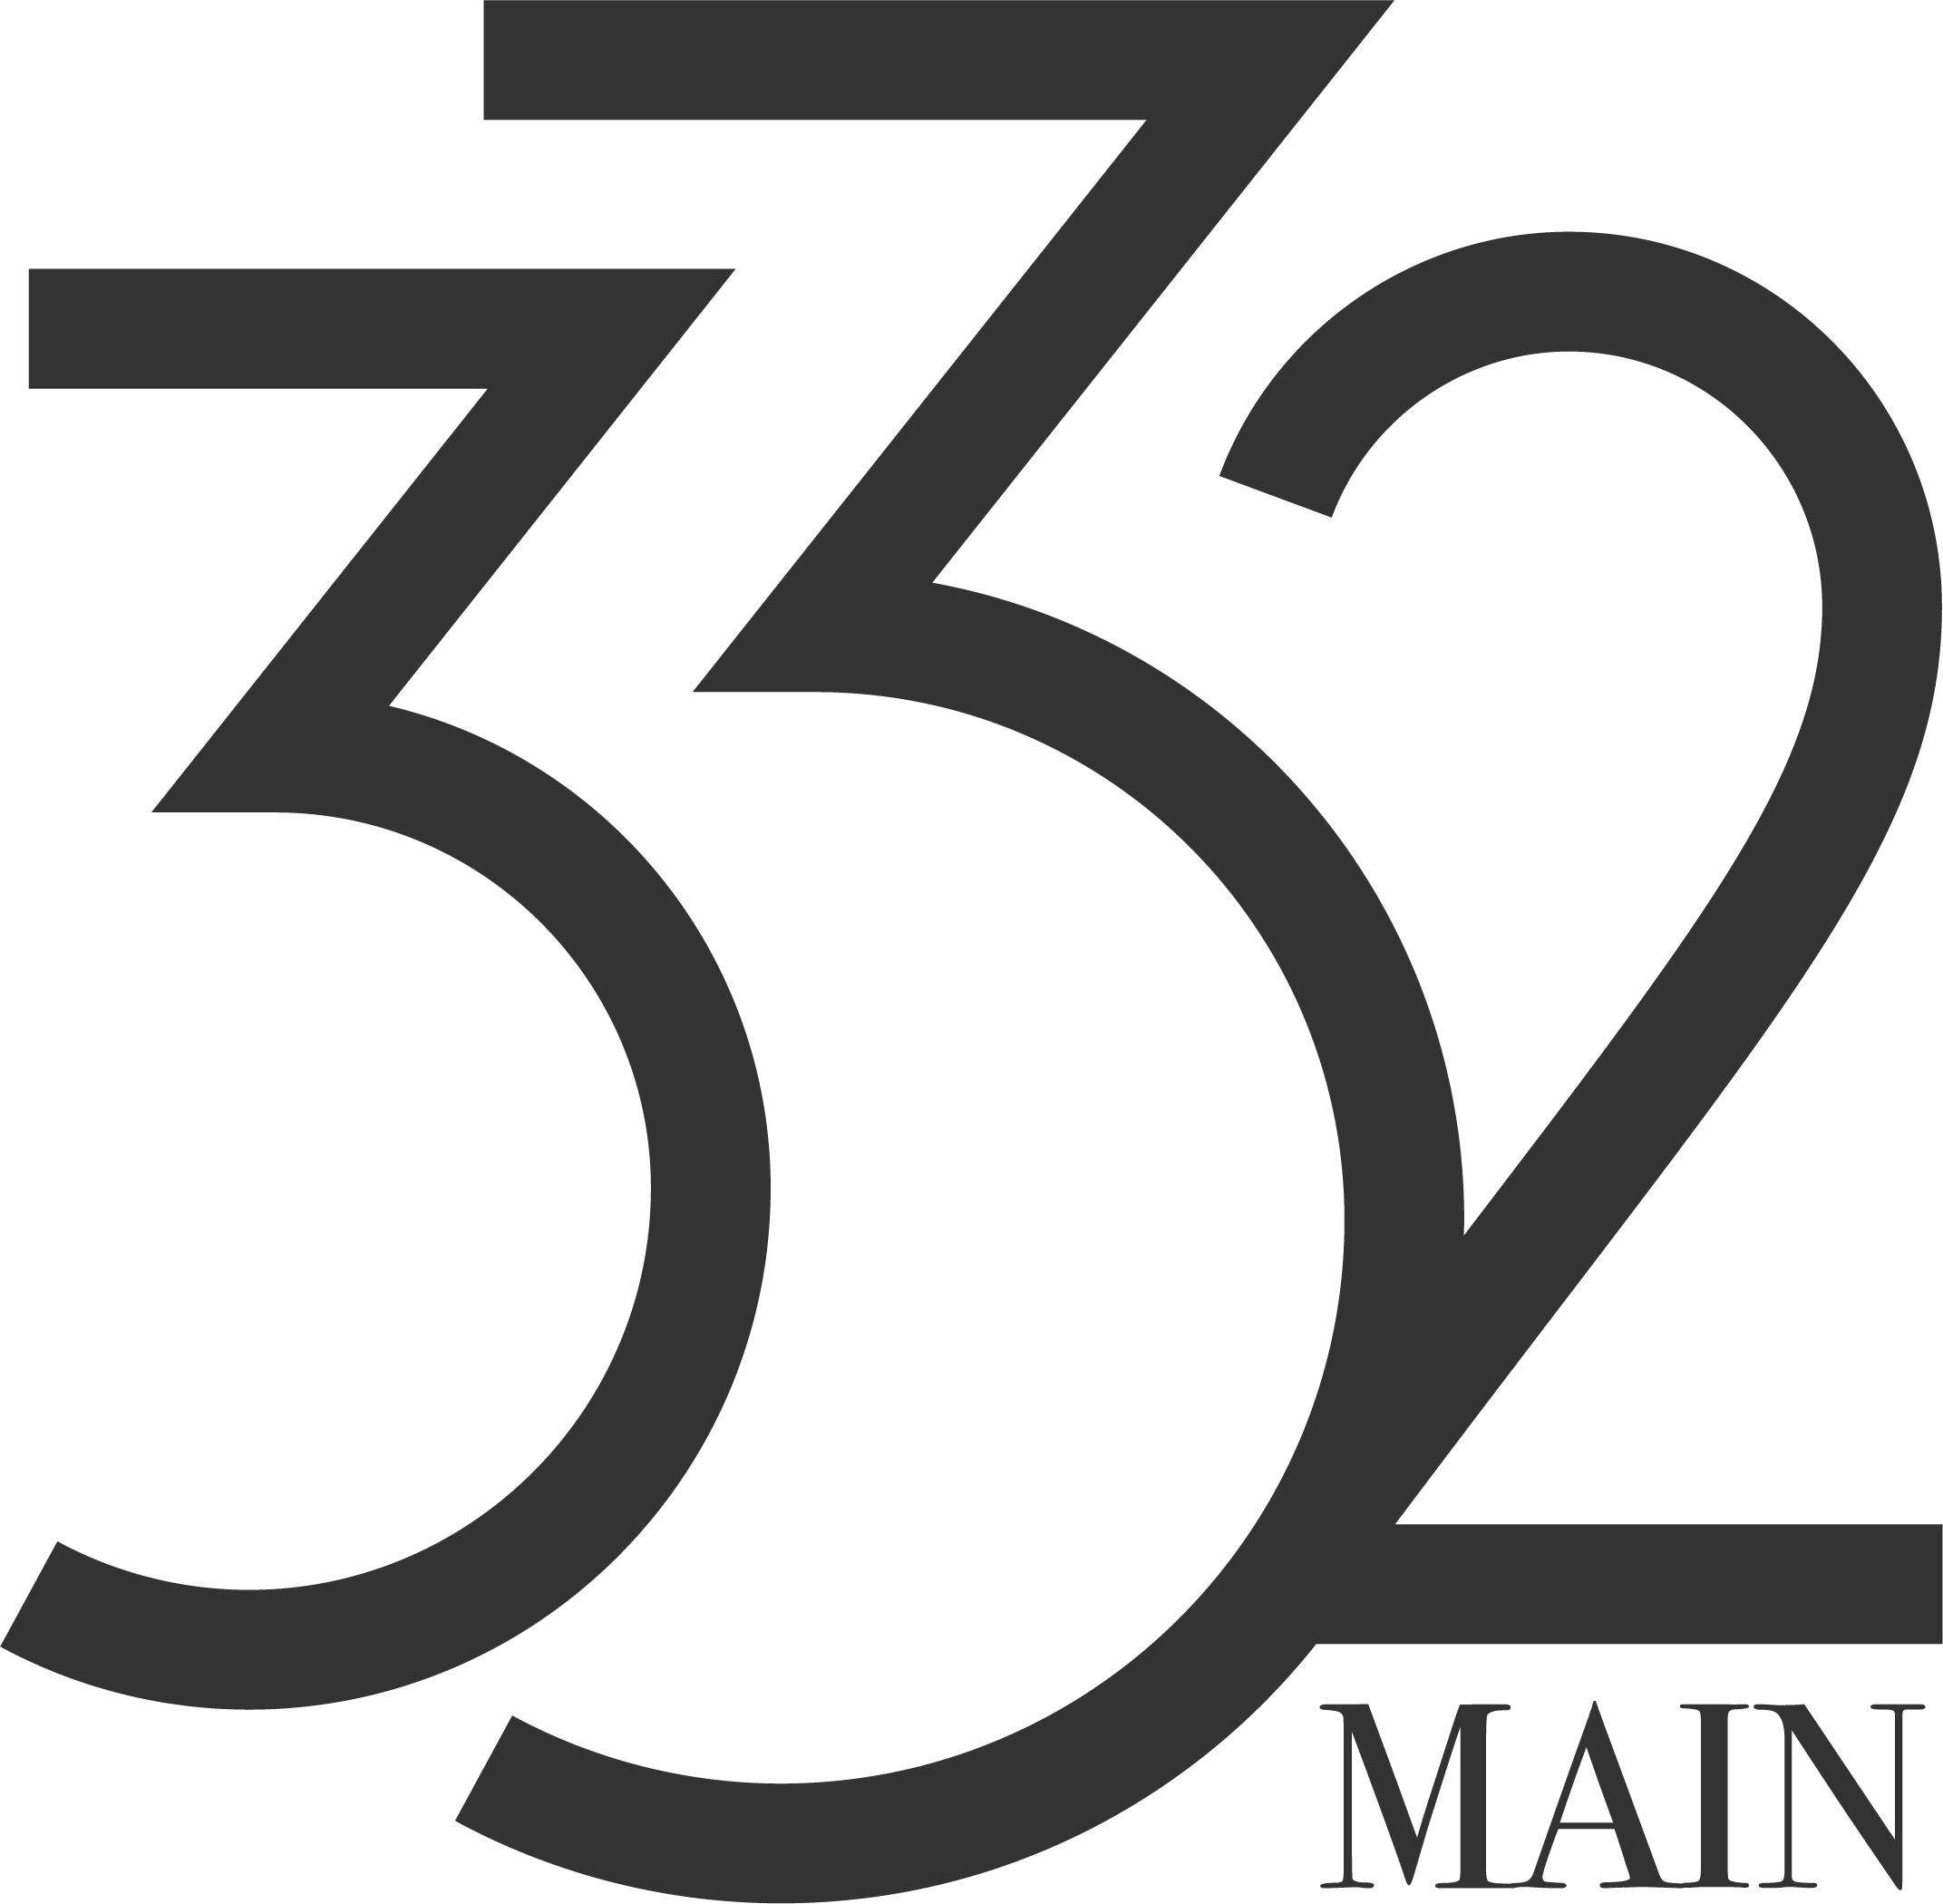 332Main_logo_black.jpg